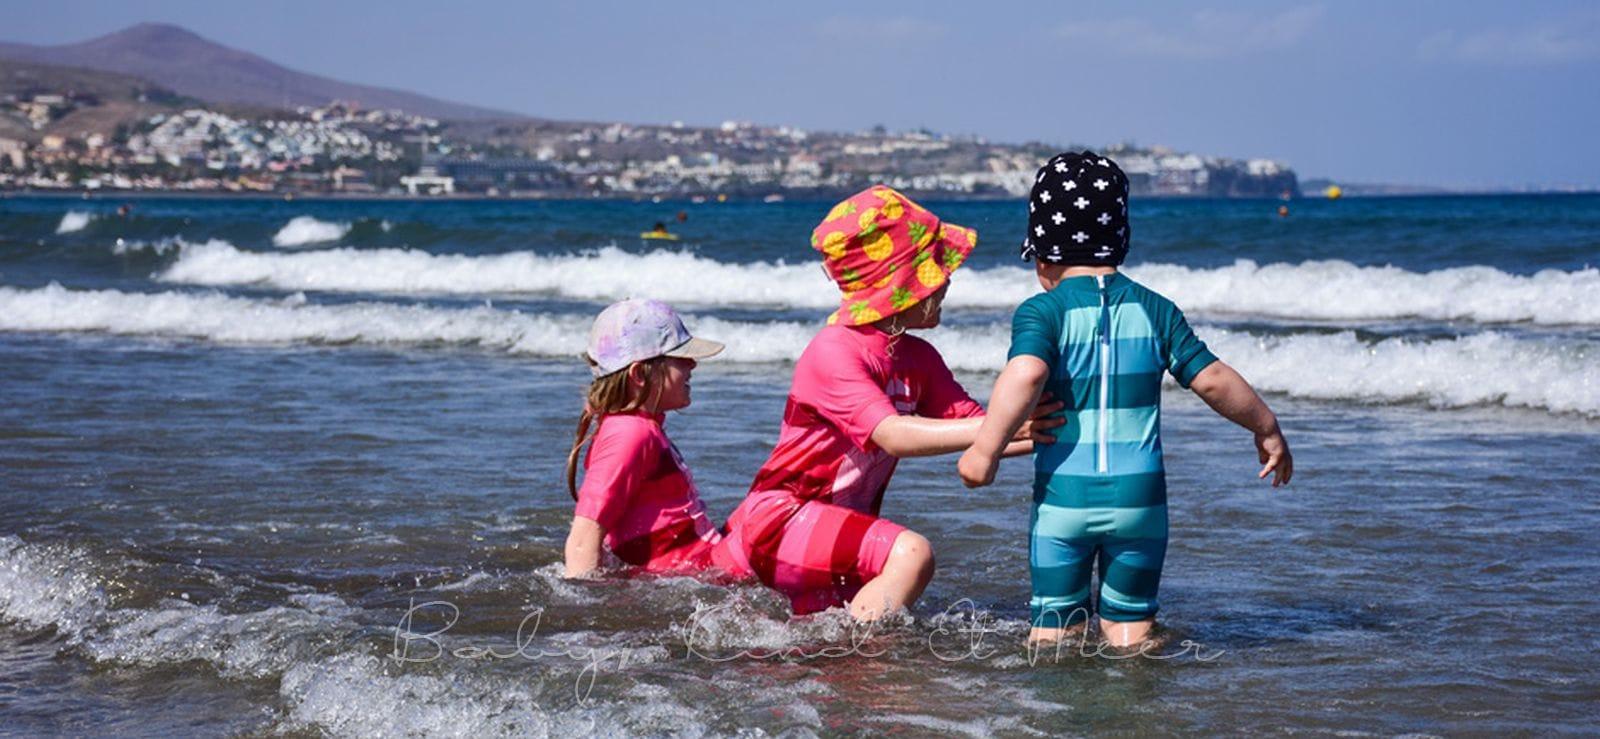 Familienurlaub Auf Gran Canaria Urlaub Mit Kindern Flugreisen Baby Kind Und Meer